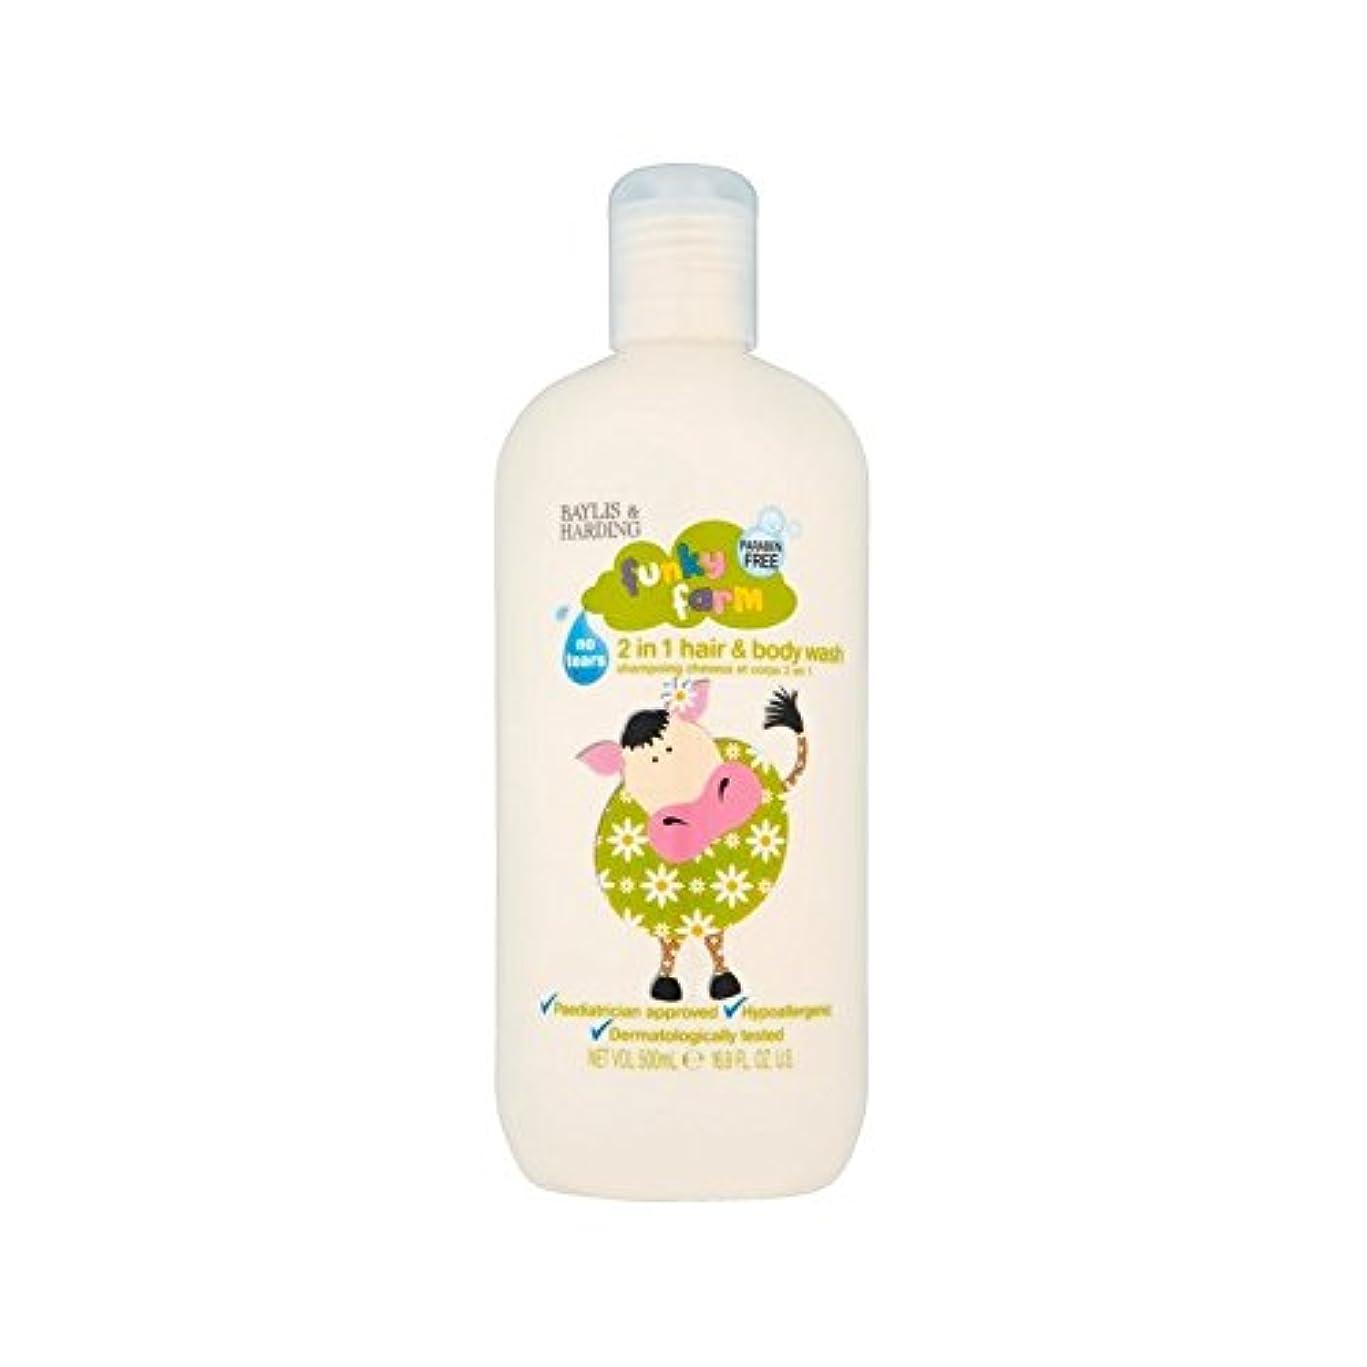 カレッジピケ然としたファンキーファームのヘア&ボディウォッシュ500ミリリットル (Baylis & Harding) - Baylis & Harding Funky Farm Hair & Body Wash 500ml [並行輸入品]